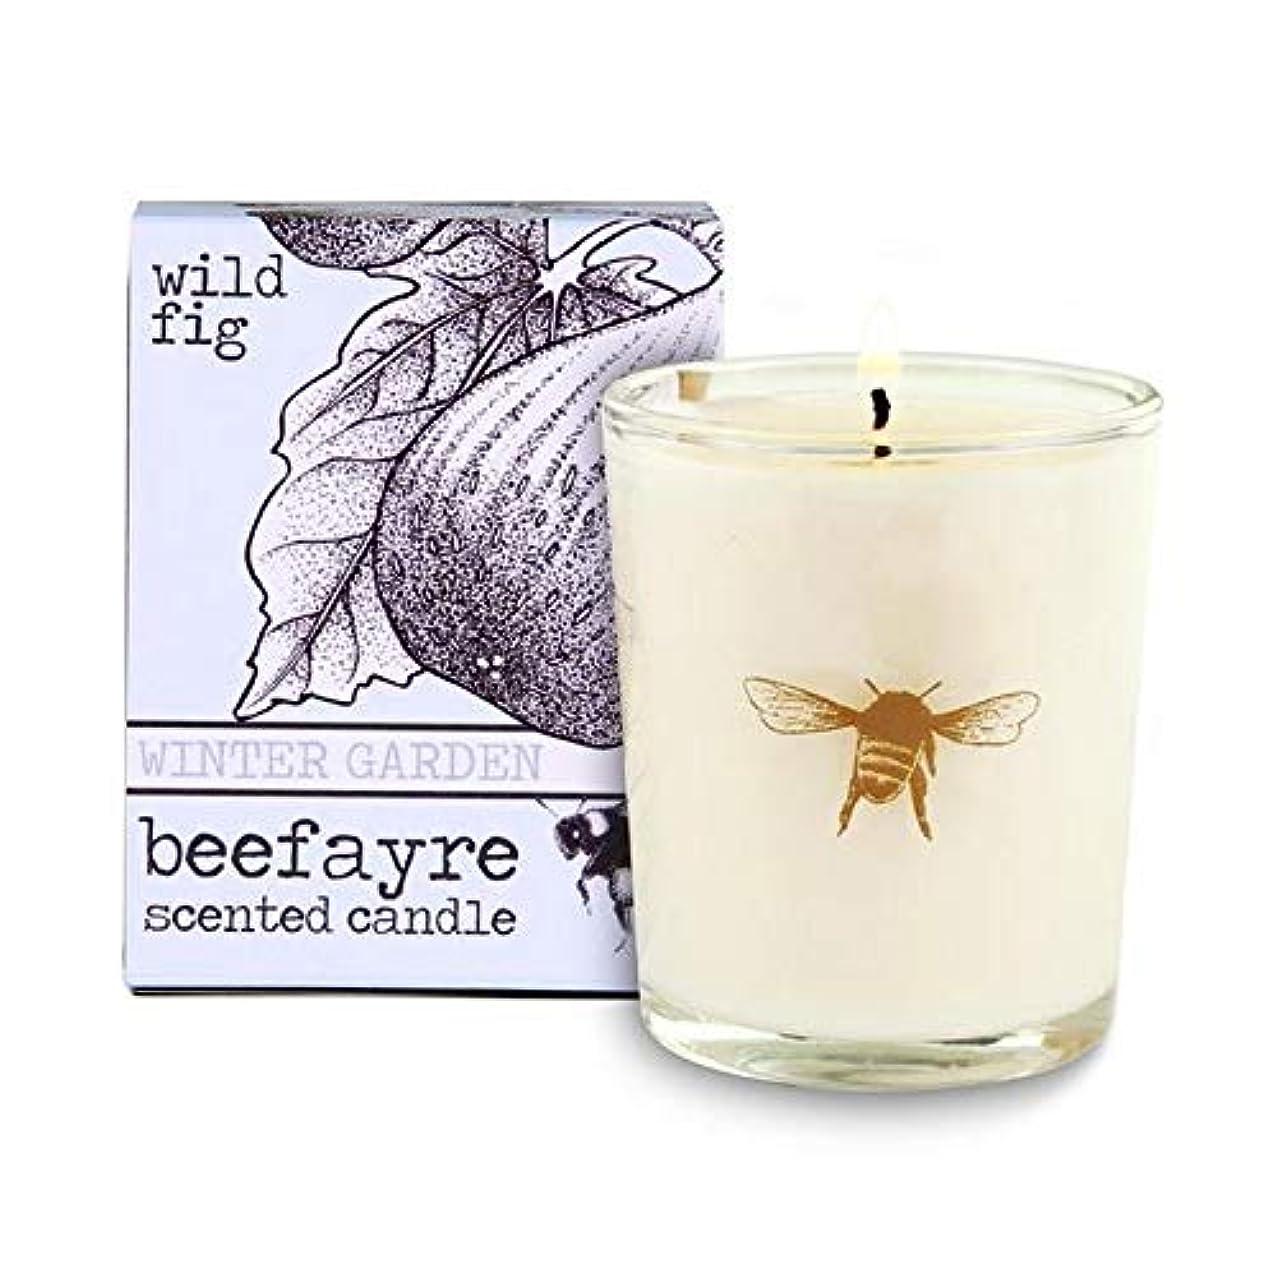 動機付ける関連する印象派[Beefayre] 野生のイチジク小さな香りのキャンドルBeefayre - Beefayre Wild Fig Small Scented Candle [並行輸入品]